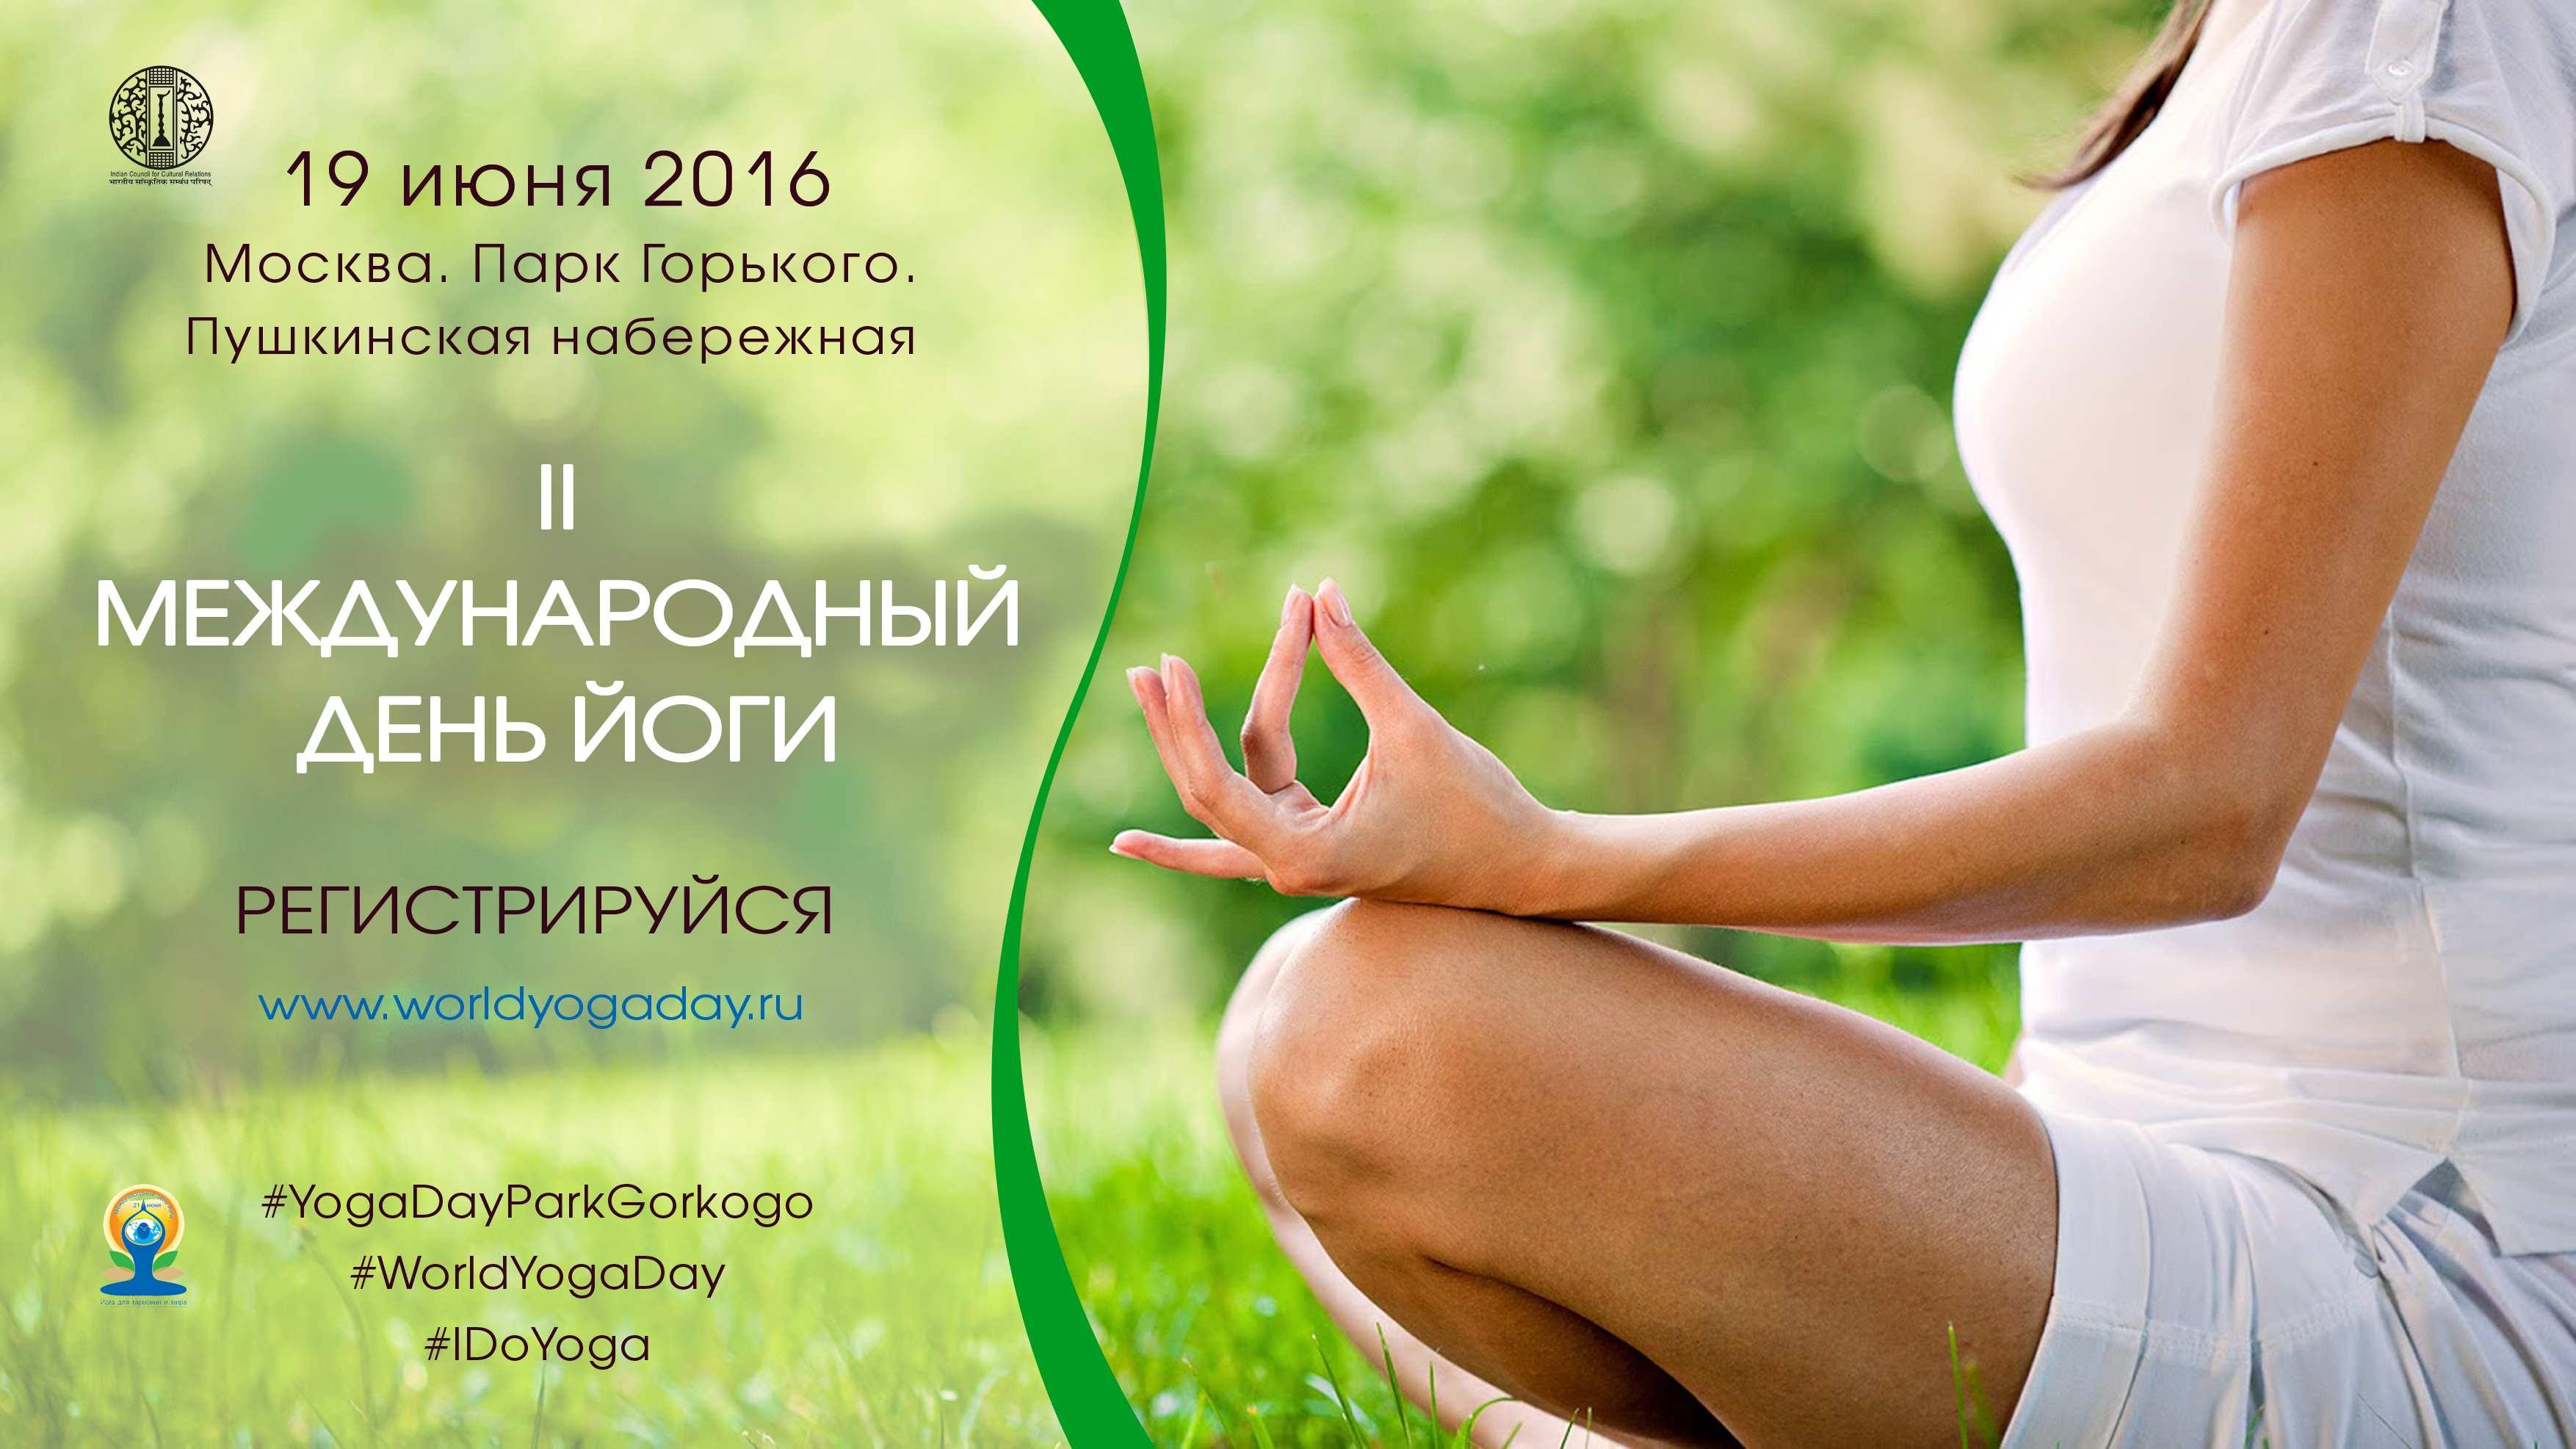 IIМеждународный день йоги